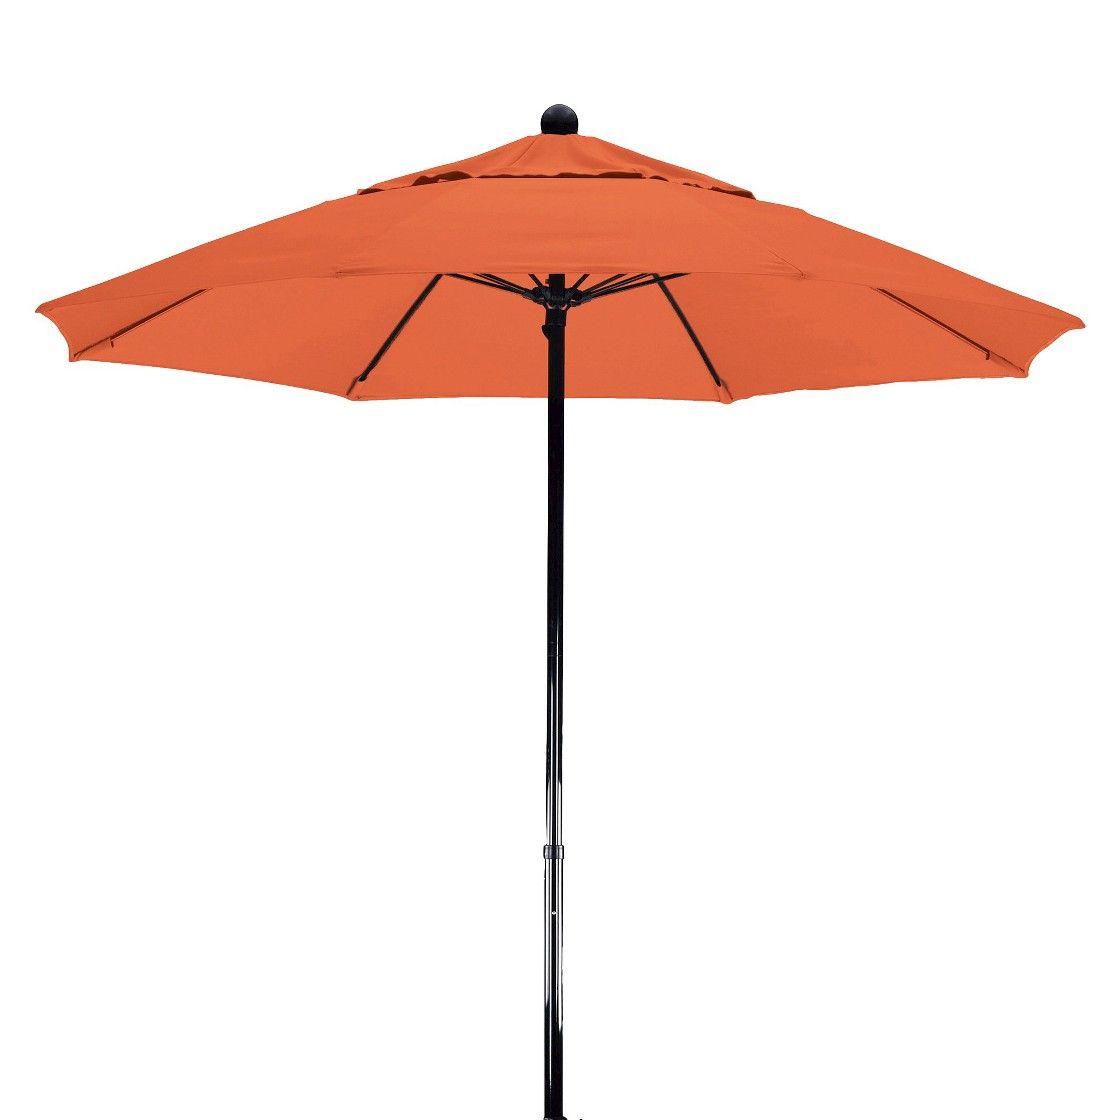 82b04340872d 7.5' Aluminum Pulley Patio Umbrella - Pacifica | Gardening/Patio ...